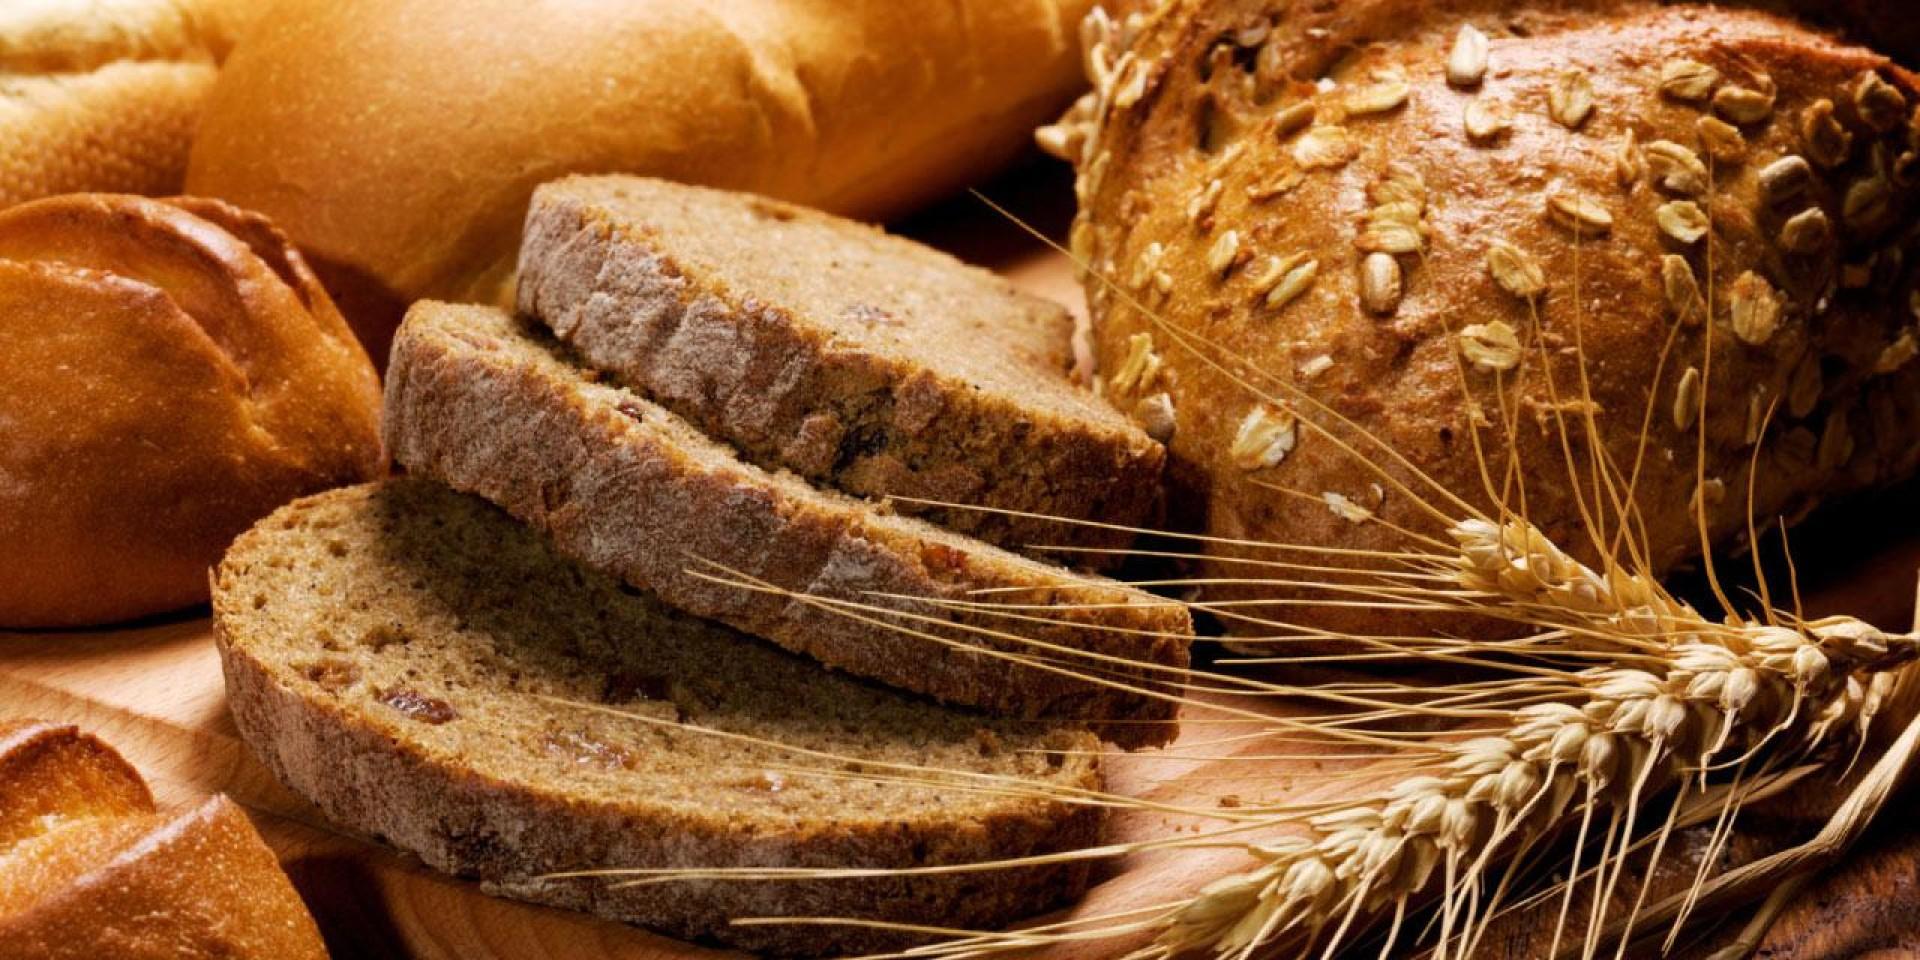 O pão engorda: verdade ou mito?